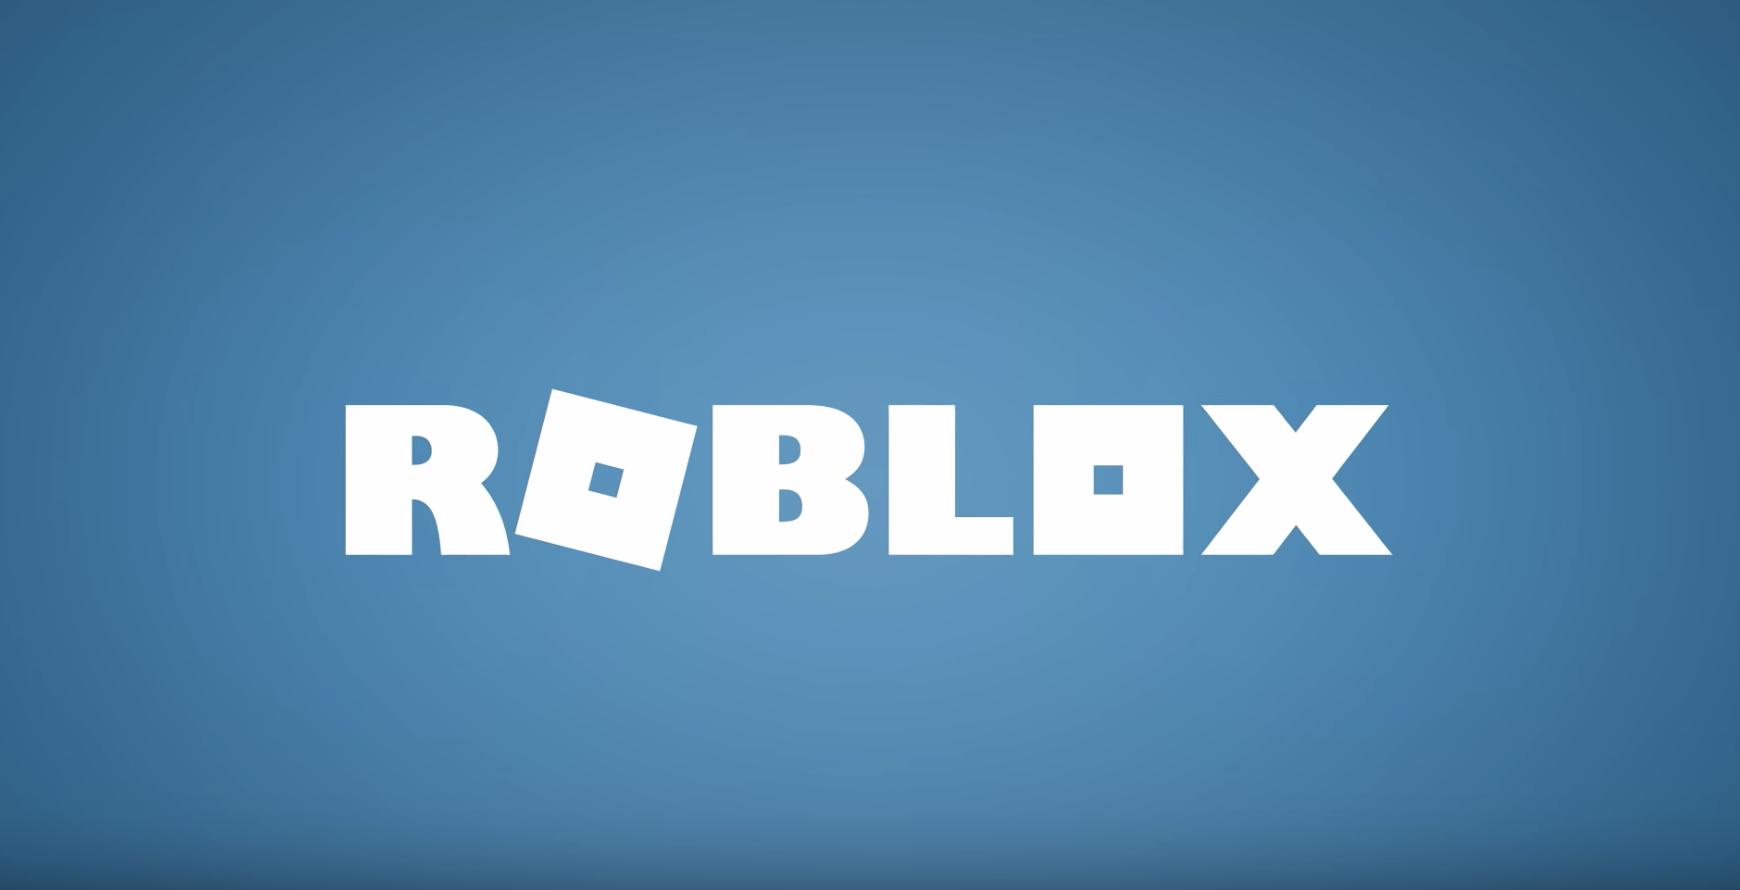 Jeux Roblox - Inscrivez-Vous Maintenant Pour Jouer | Jeux.fr pour Jouer Puzzle Gratuit